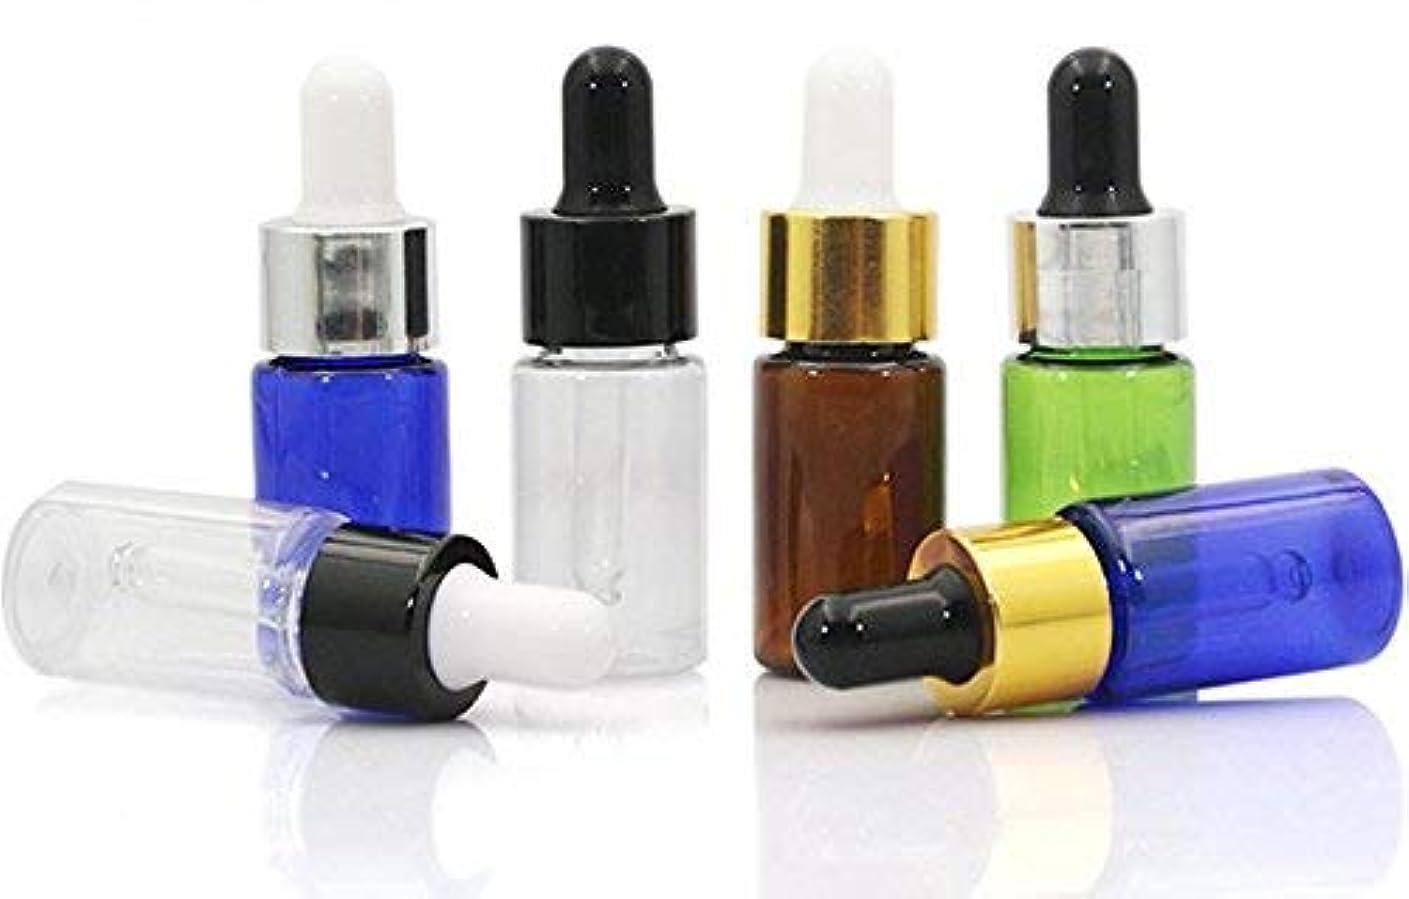 アサート秀でるロビーVNDEFUL10 PCS Refillable Essential Oil Dropper Bottles Containers with Glass Eye Dropper Cosmetics Makeup Small...